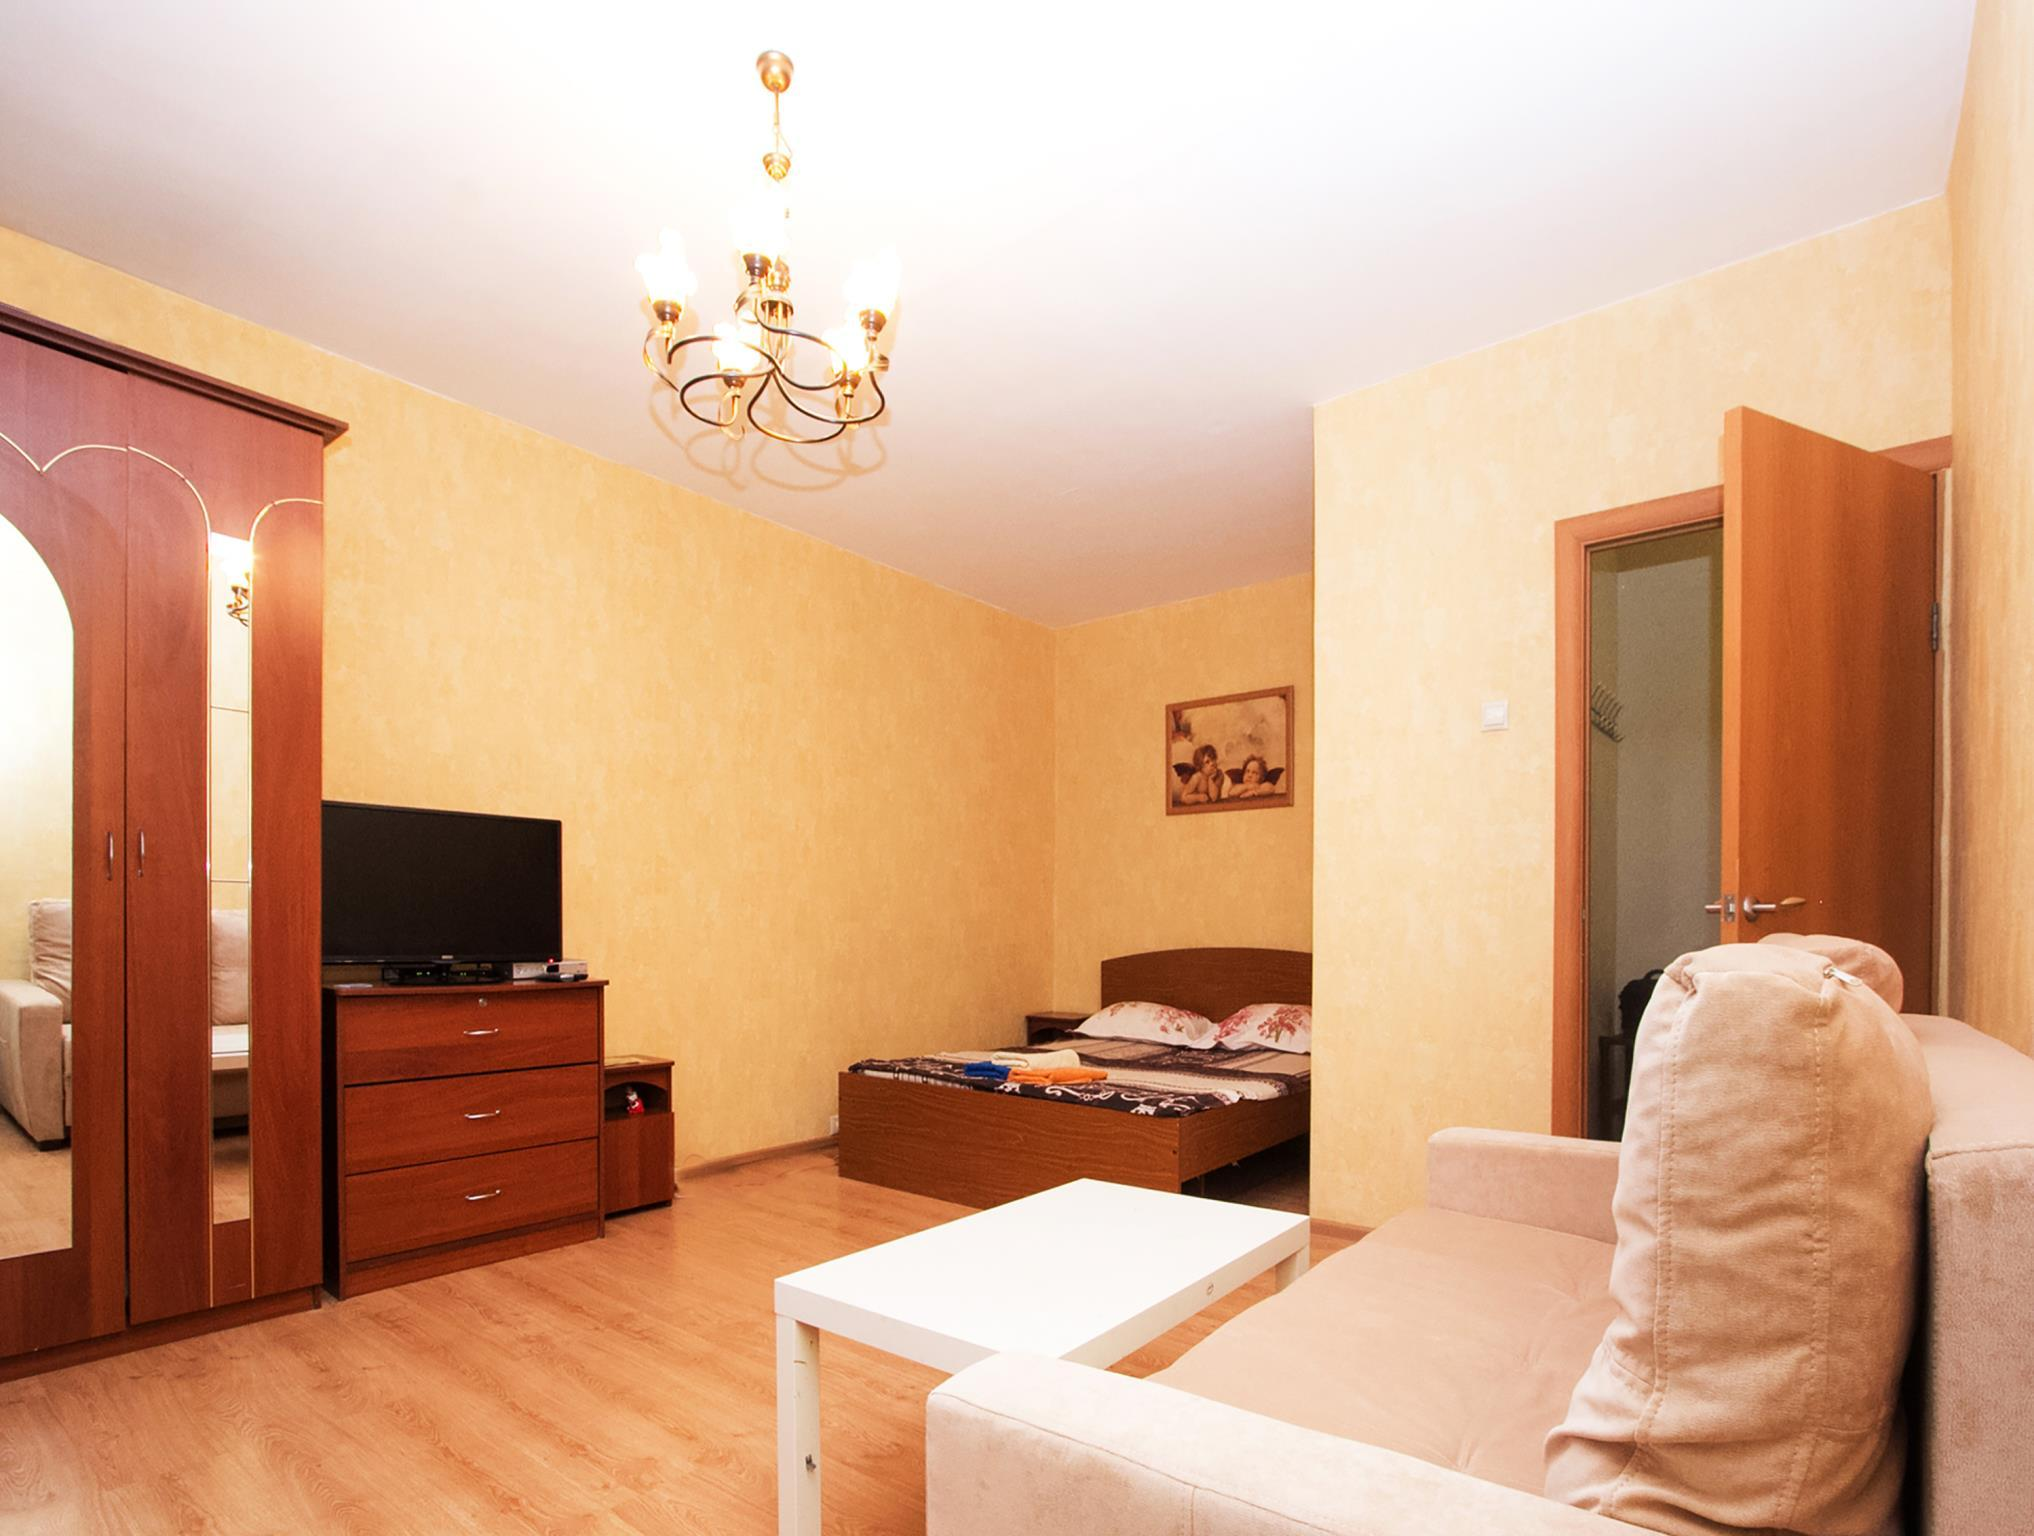 ApartLux Kantemirovskaya